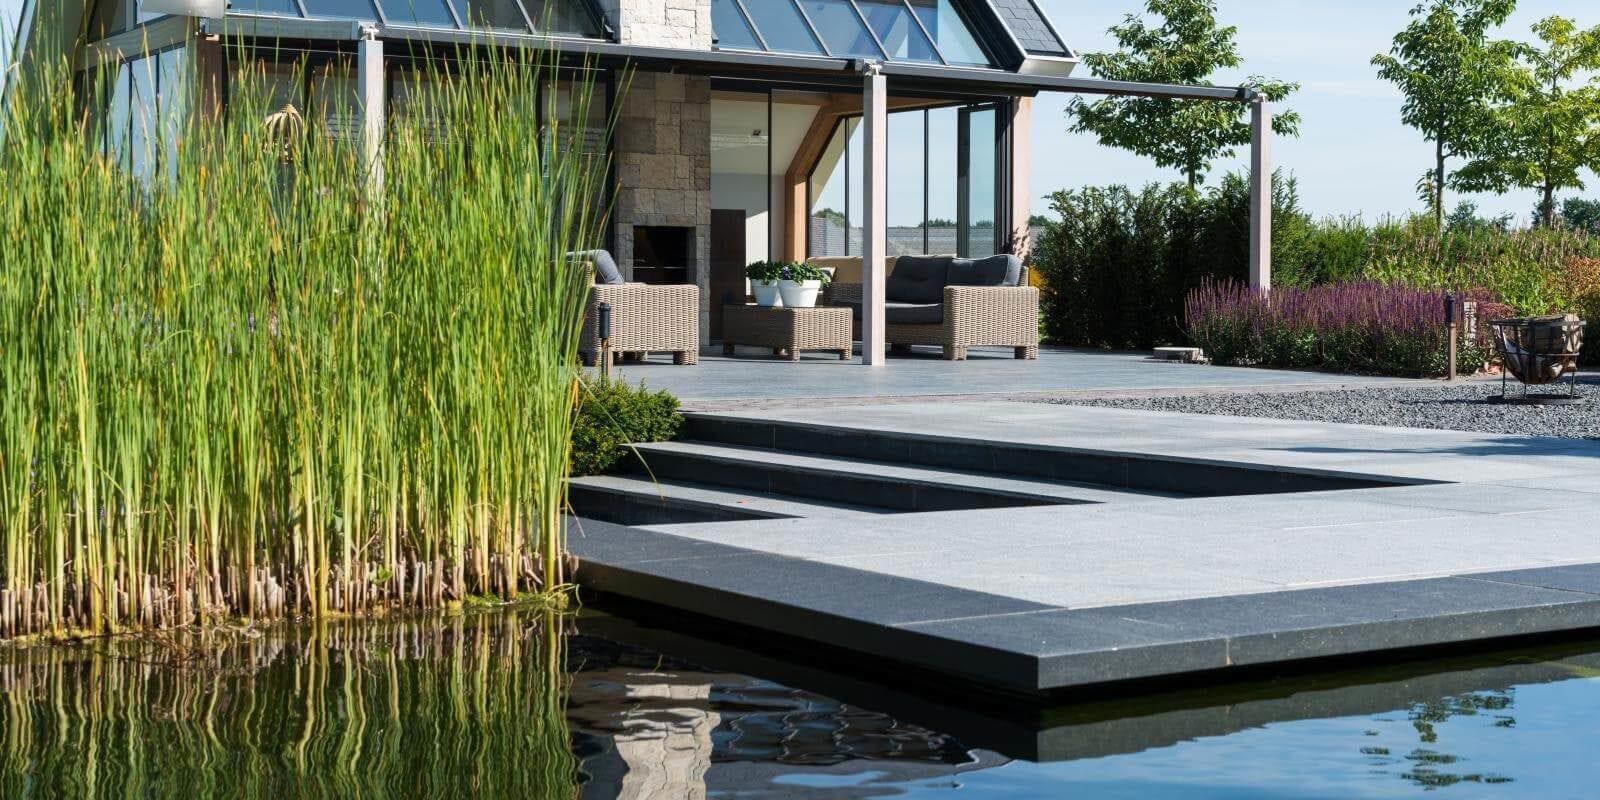 Tuinkamer poolhouse Van van Ee